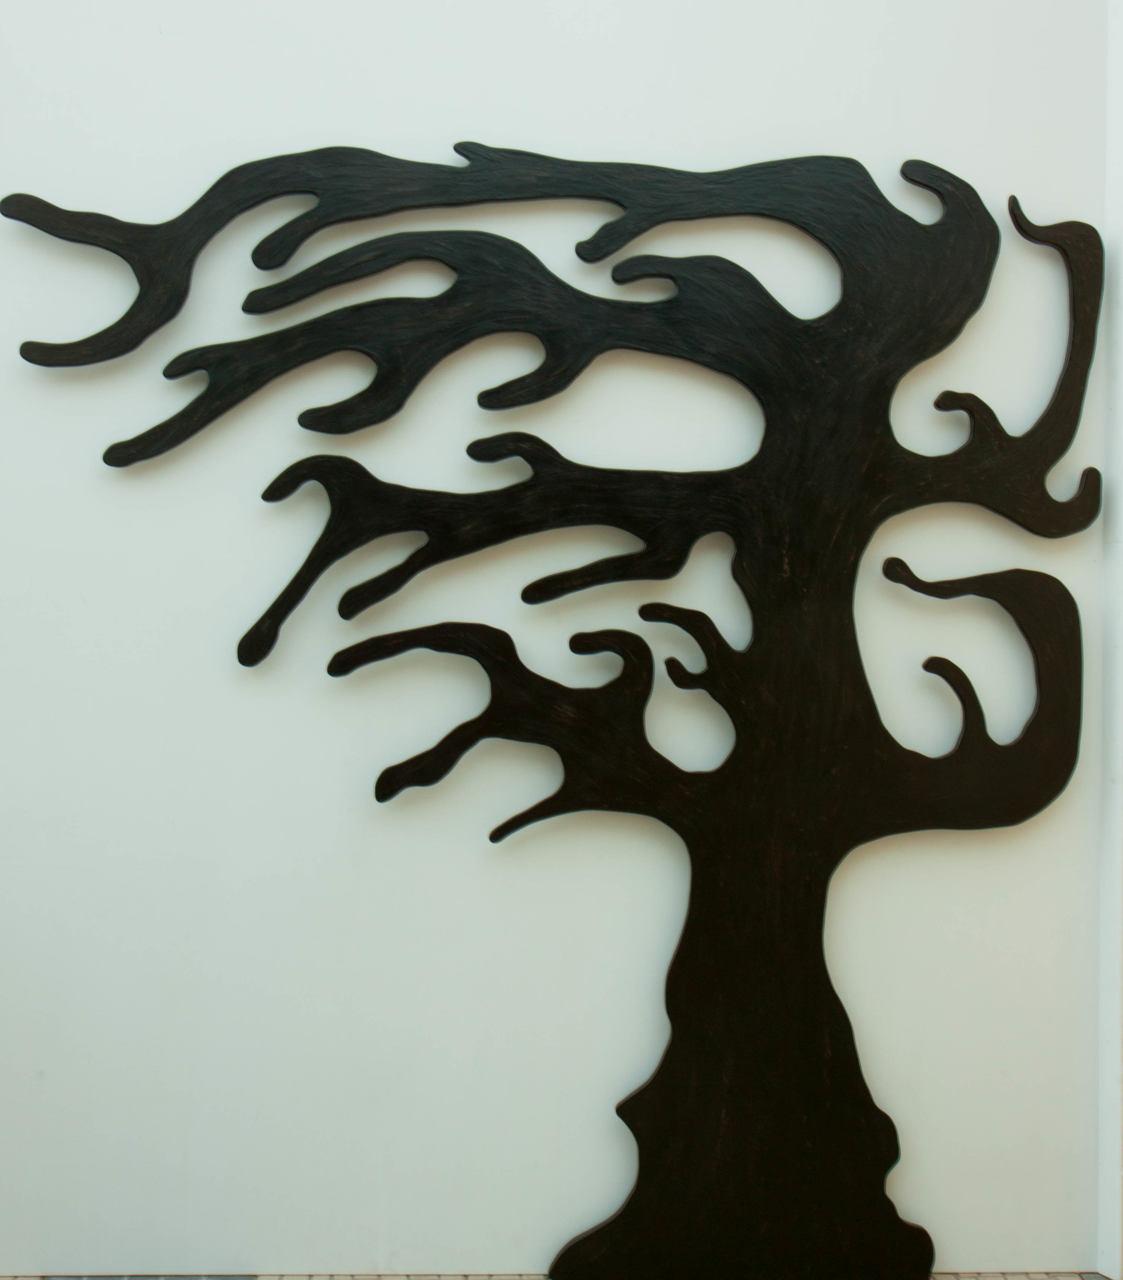 Árvore Decorativa com Leds | ventosus